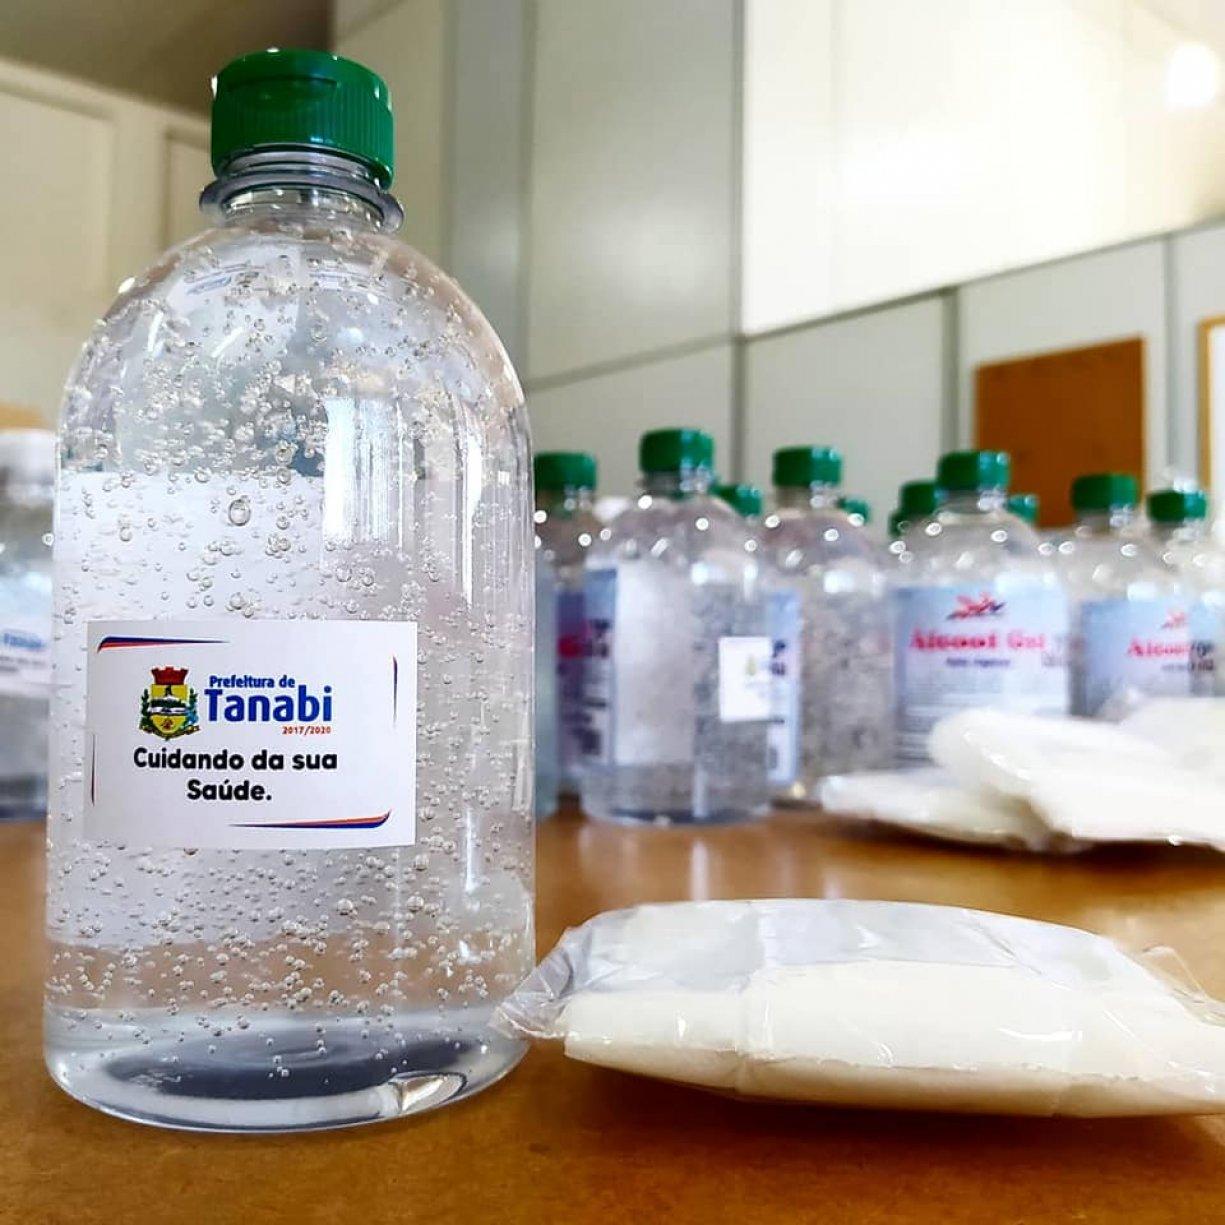 Prefeitura de Tanabi entregará máscaras e álcool gel nas residências